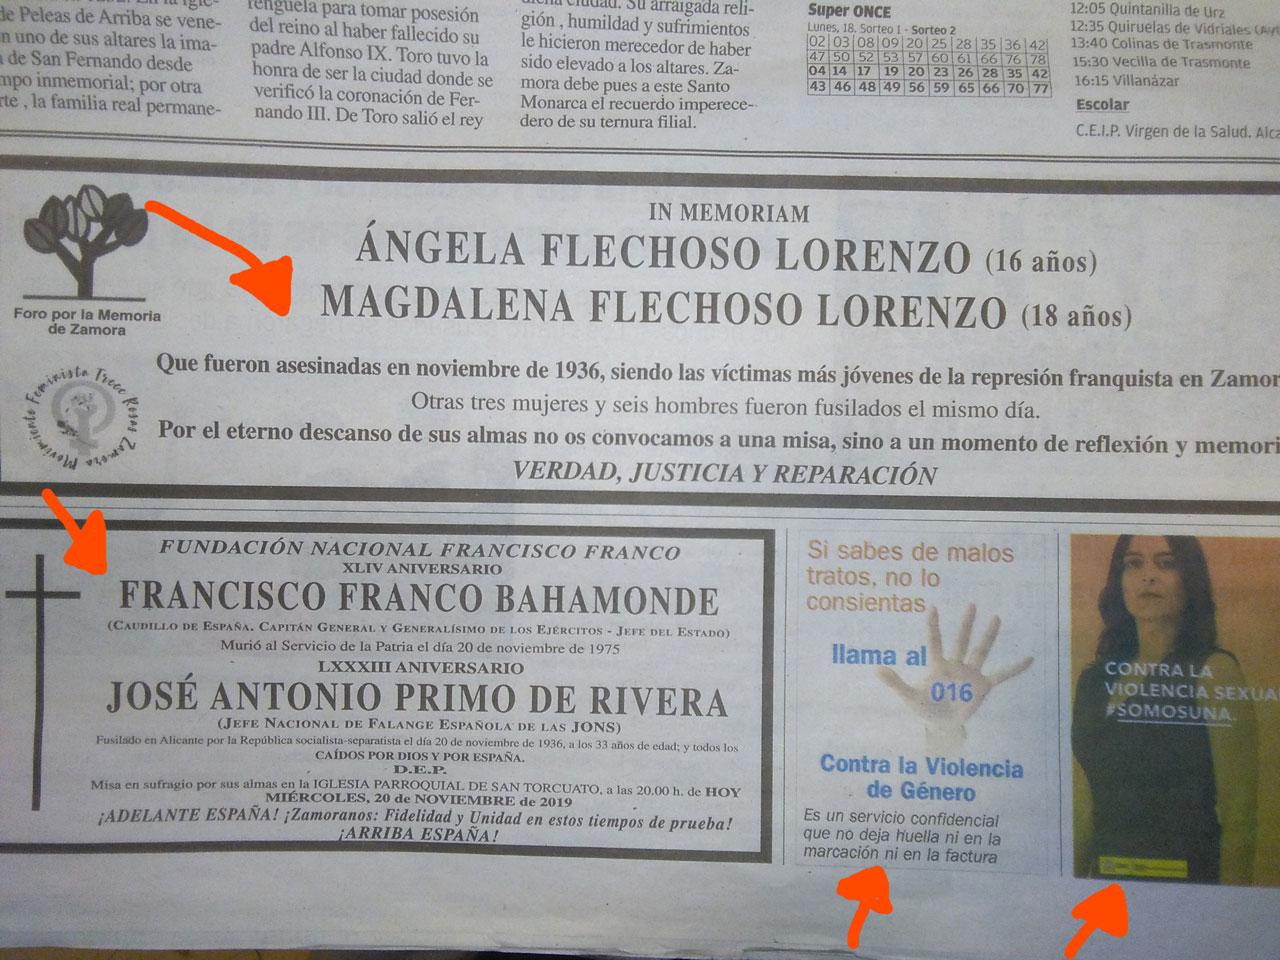 La política española en un recorte de periódico